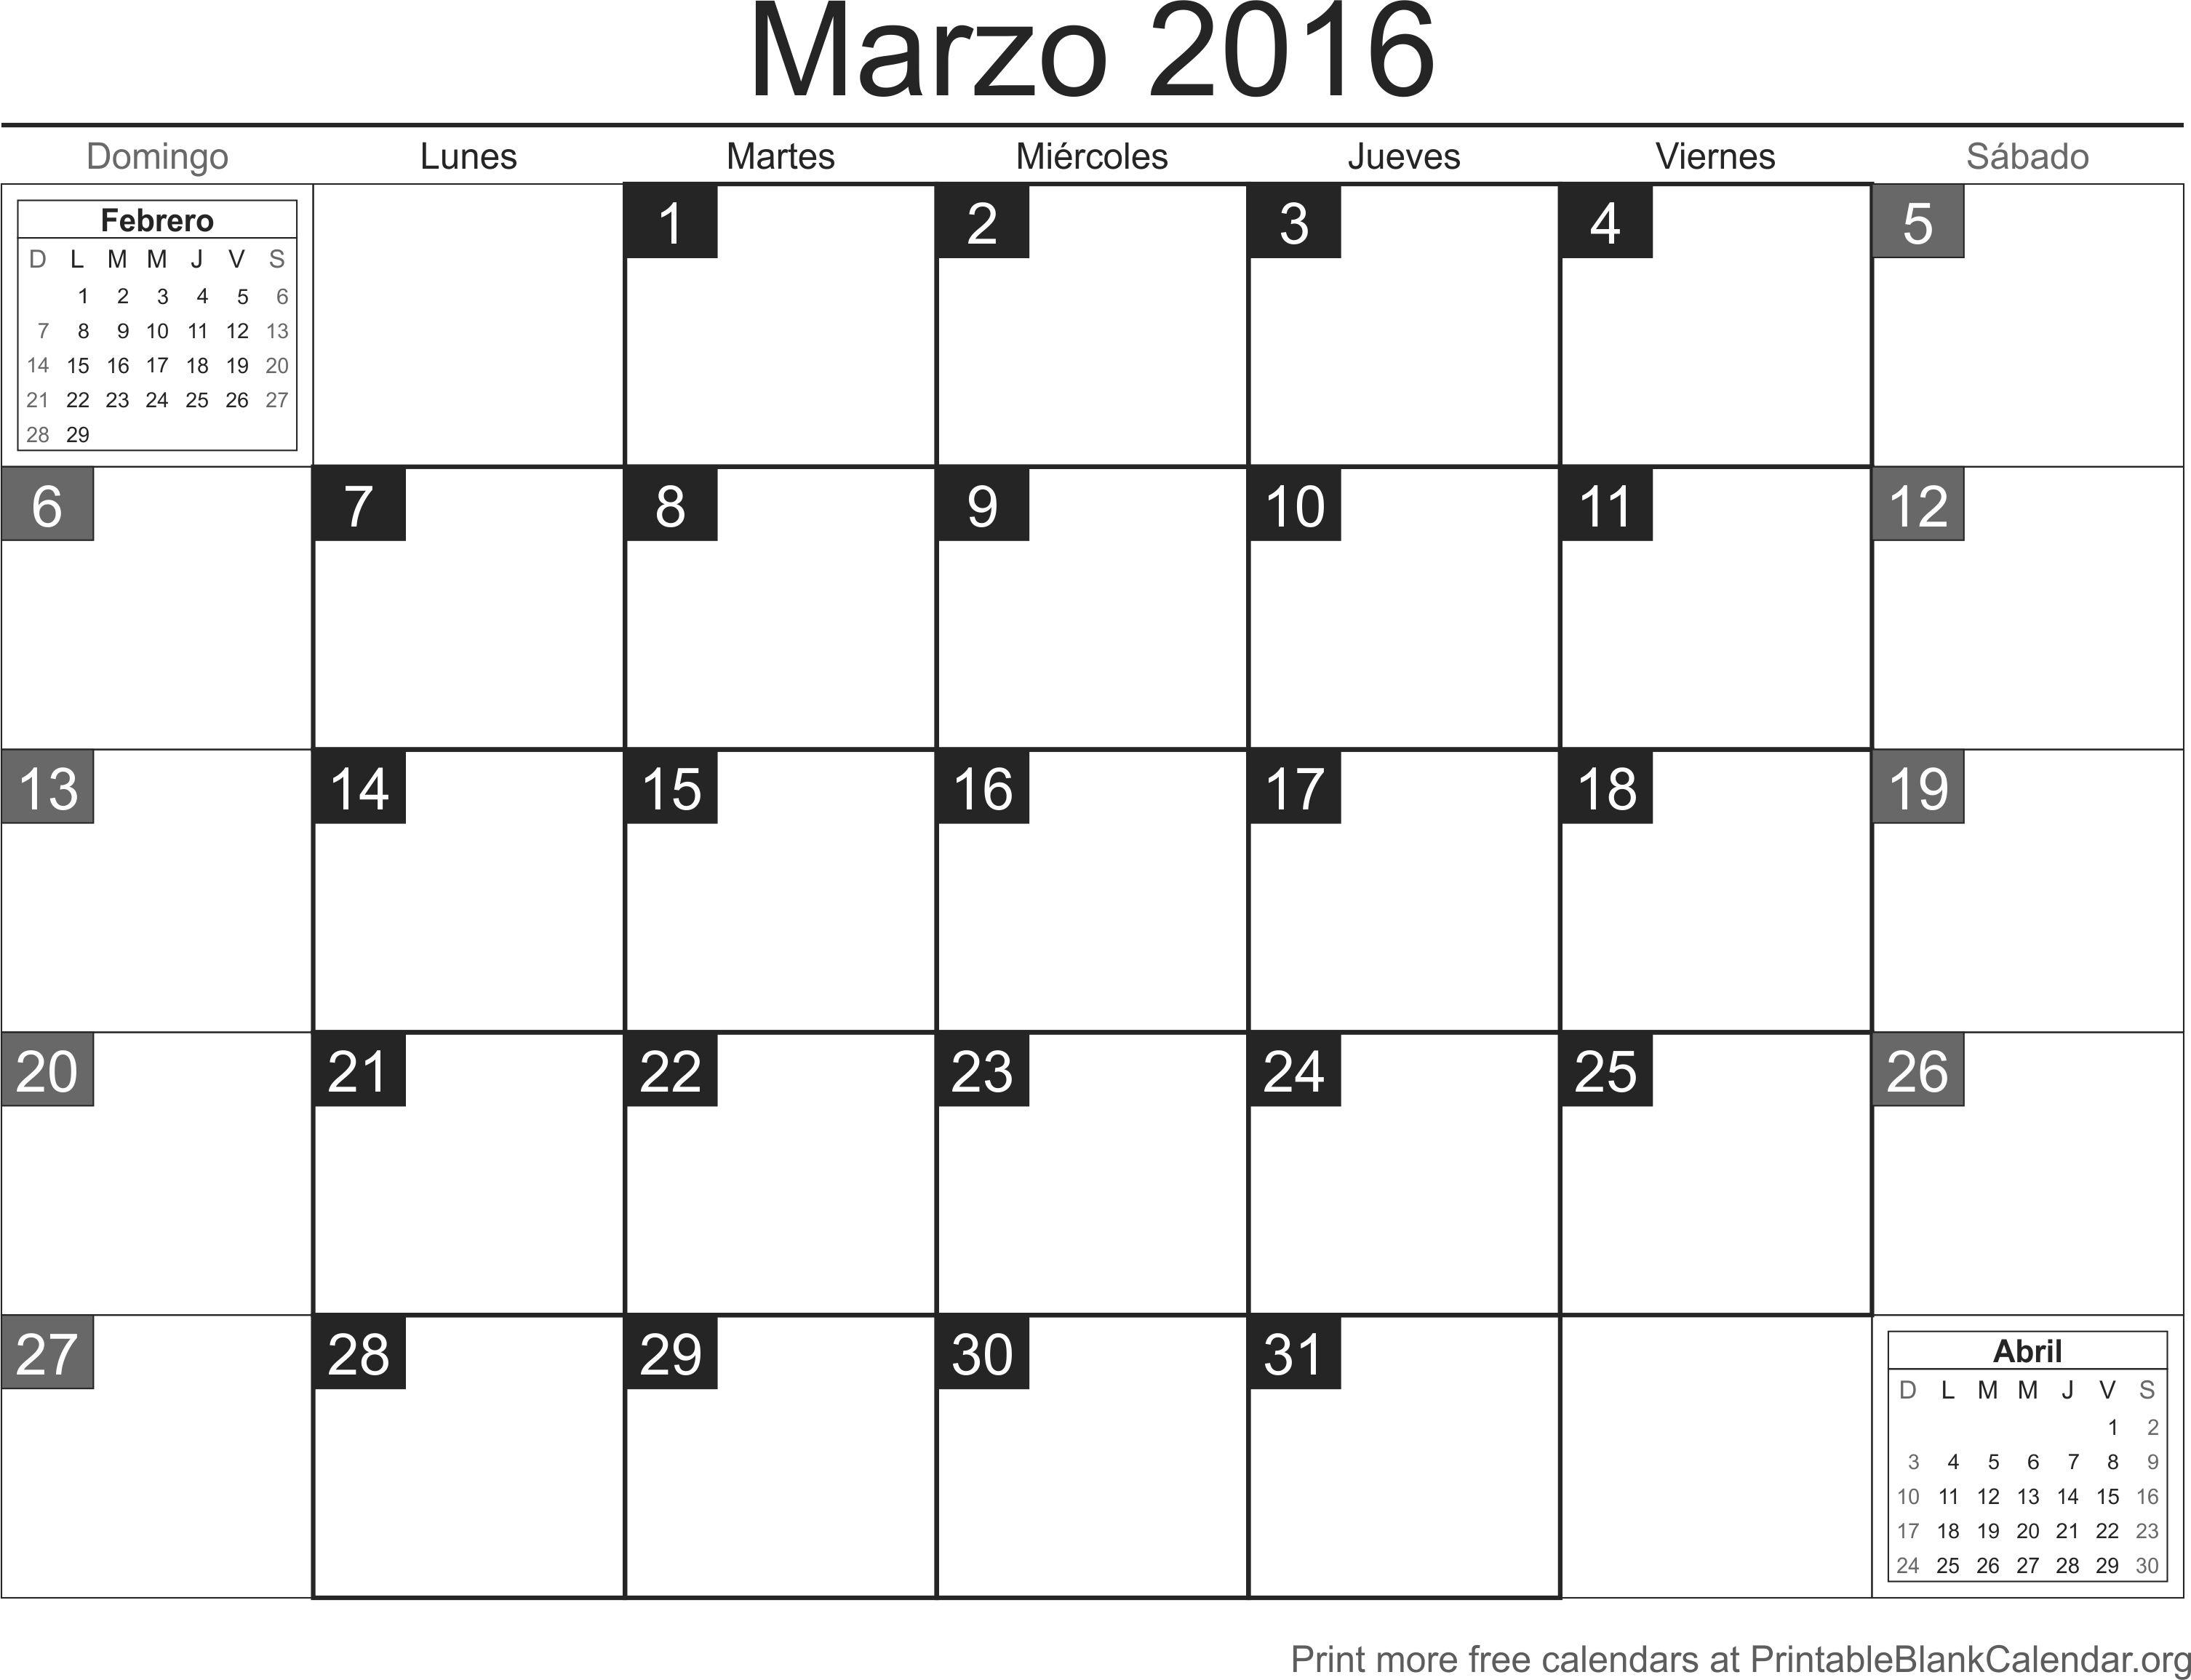 marzo-2016-agenda